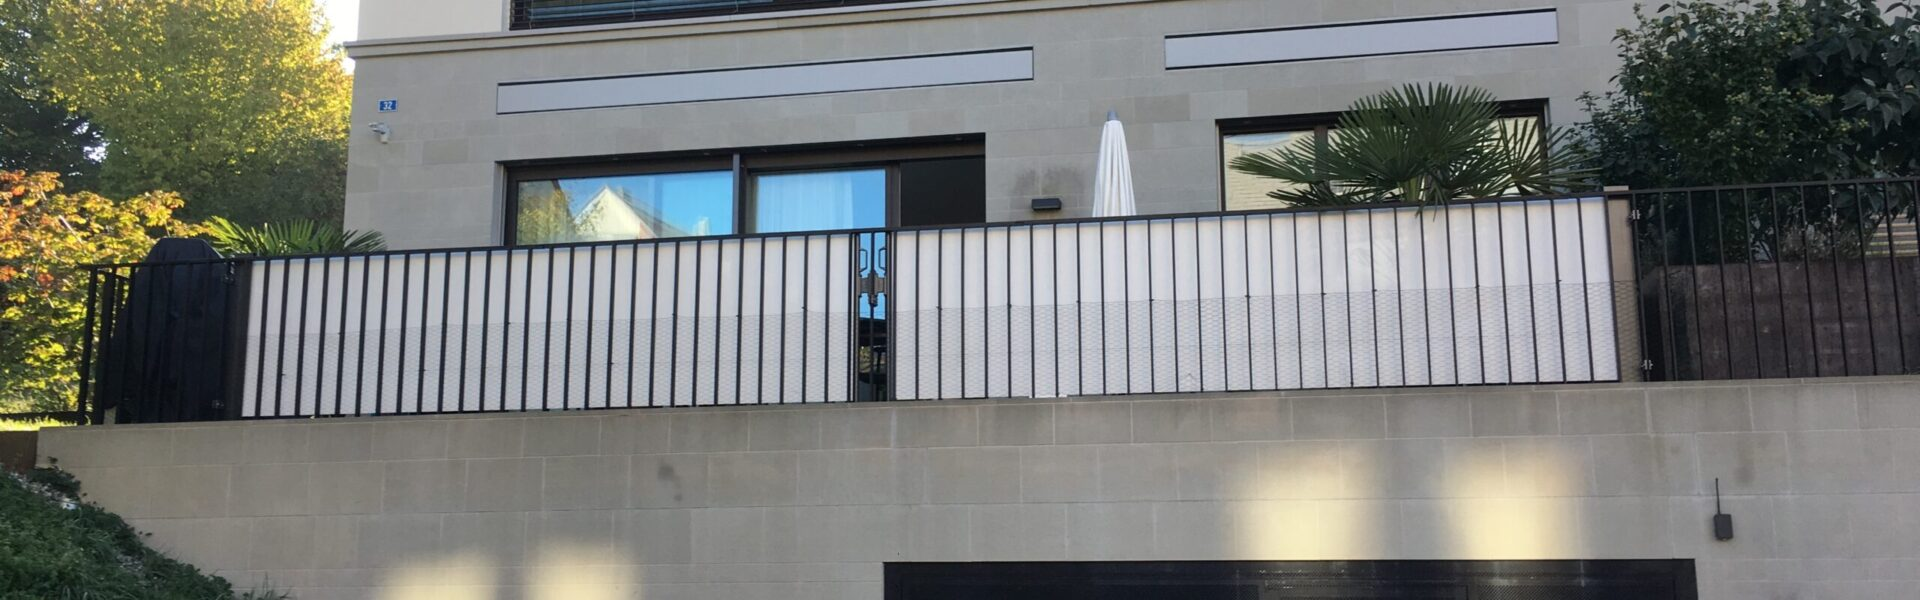 ombra Balkonschutz für Windschutz-Sichtschutz aufrollbar weiss